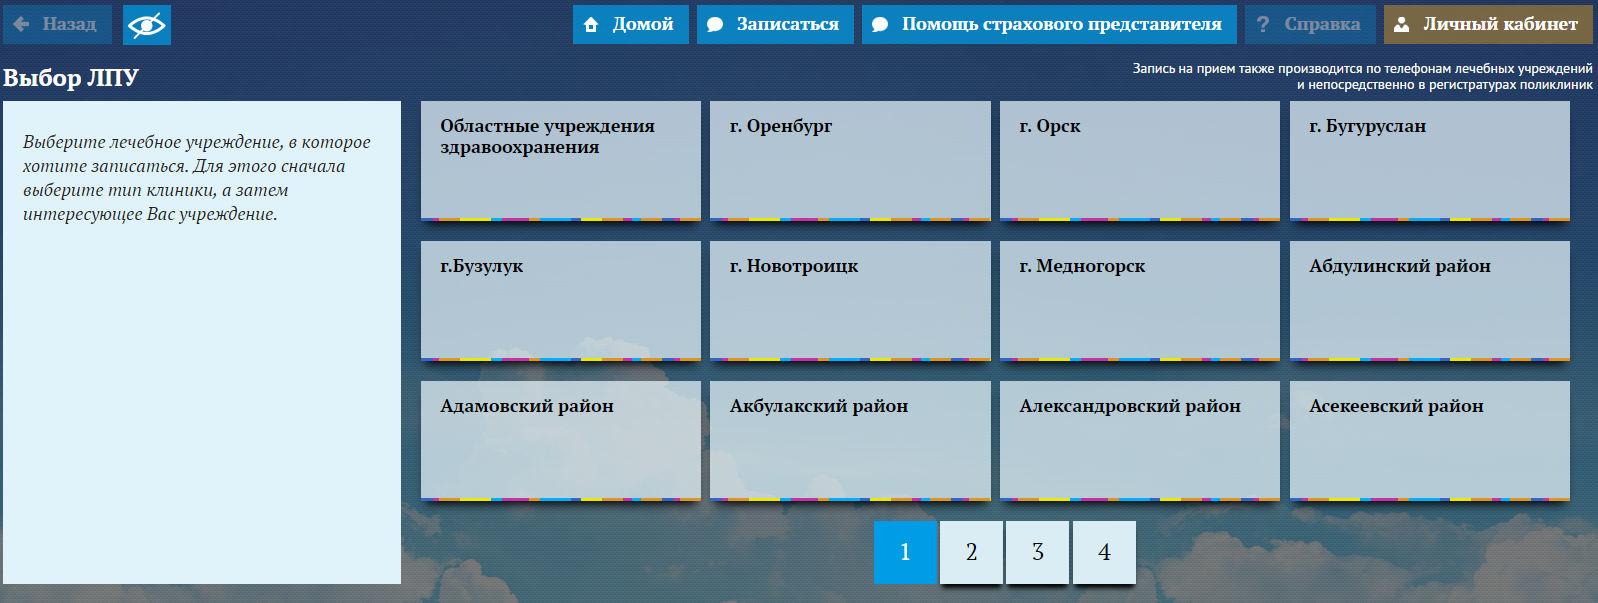 Портал пациента Оренбурга